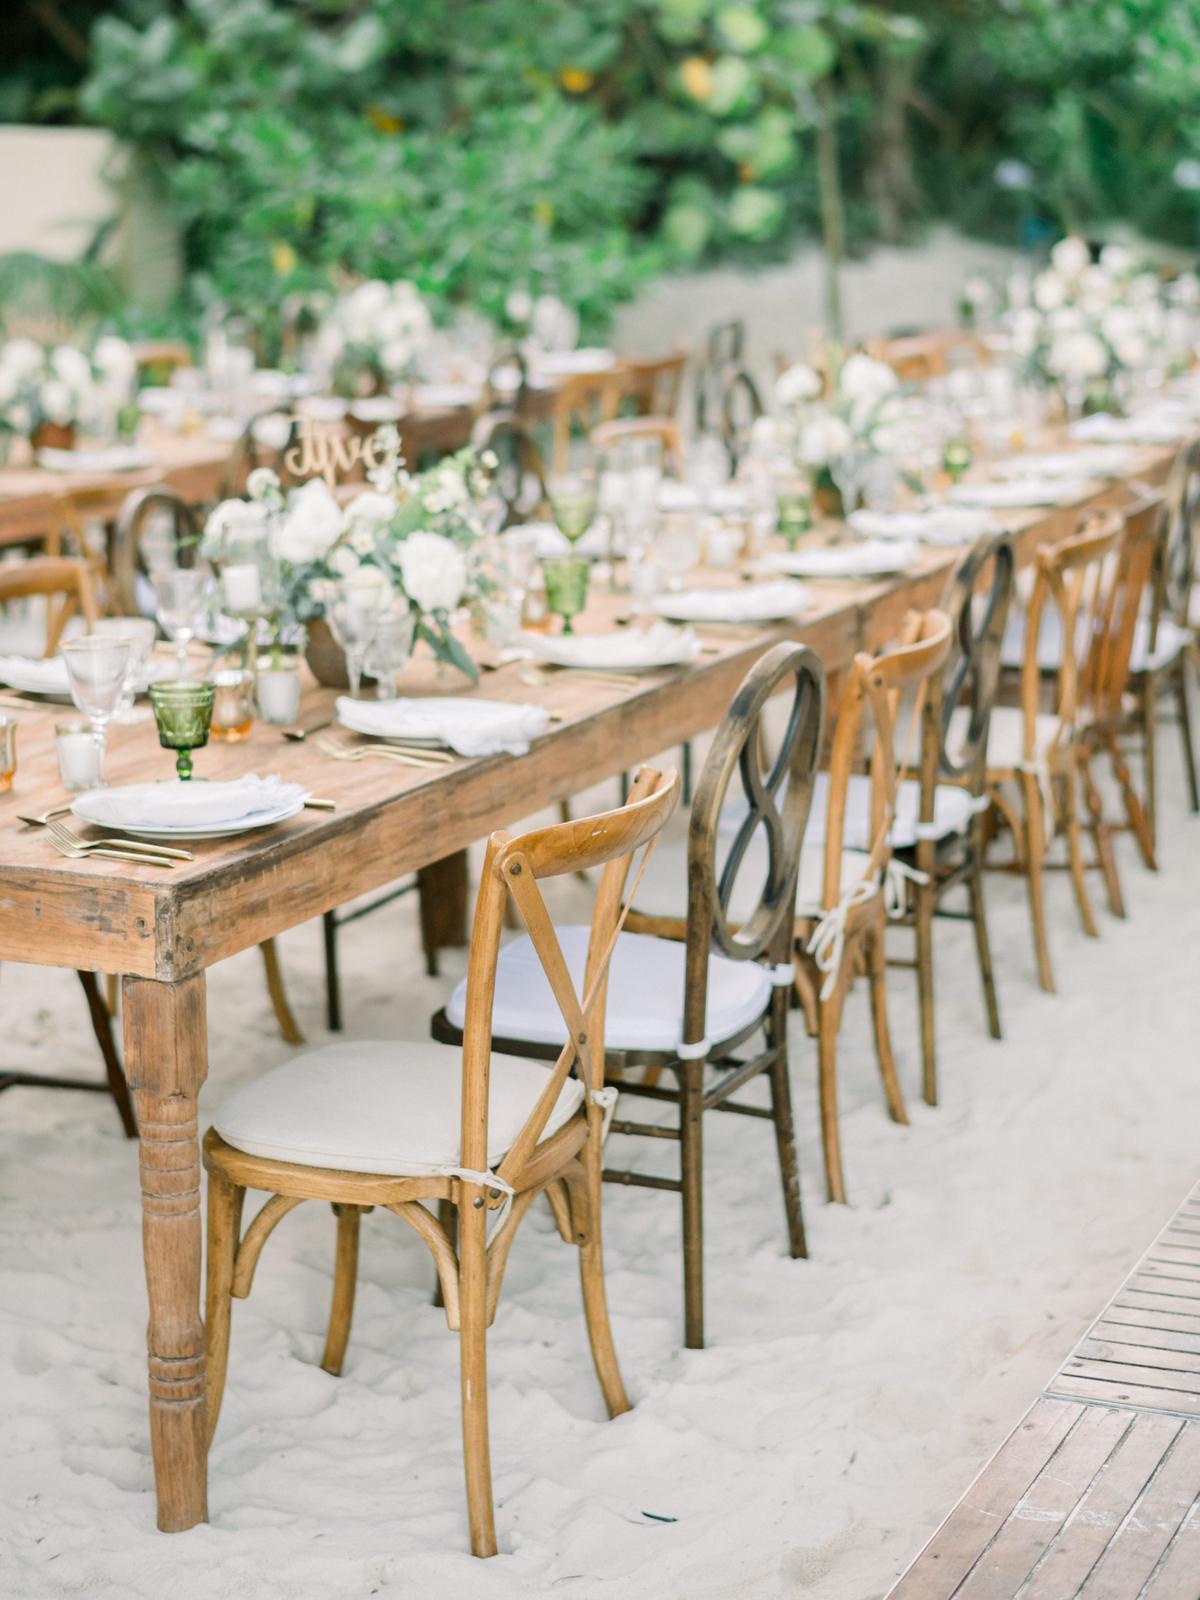 Inšpirácie na svadobné stolovovanie - Obrázok č. 6